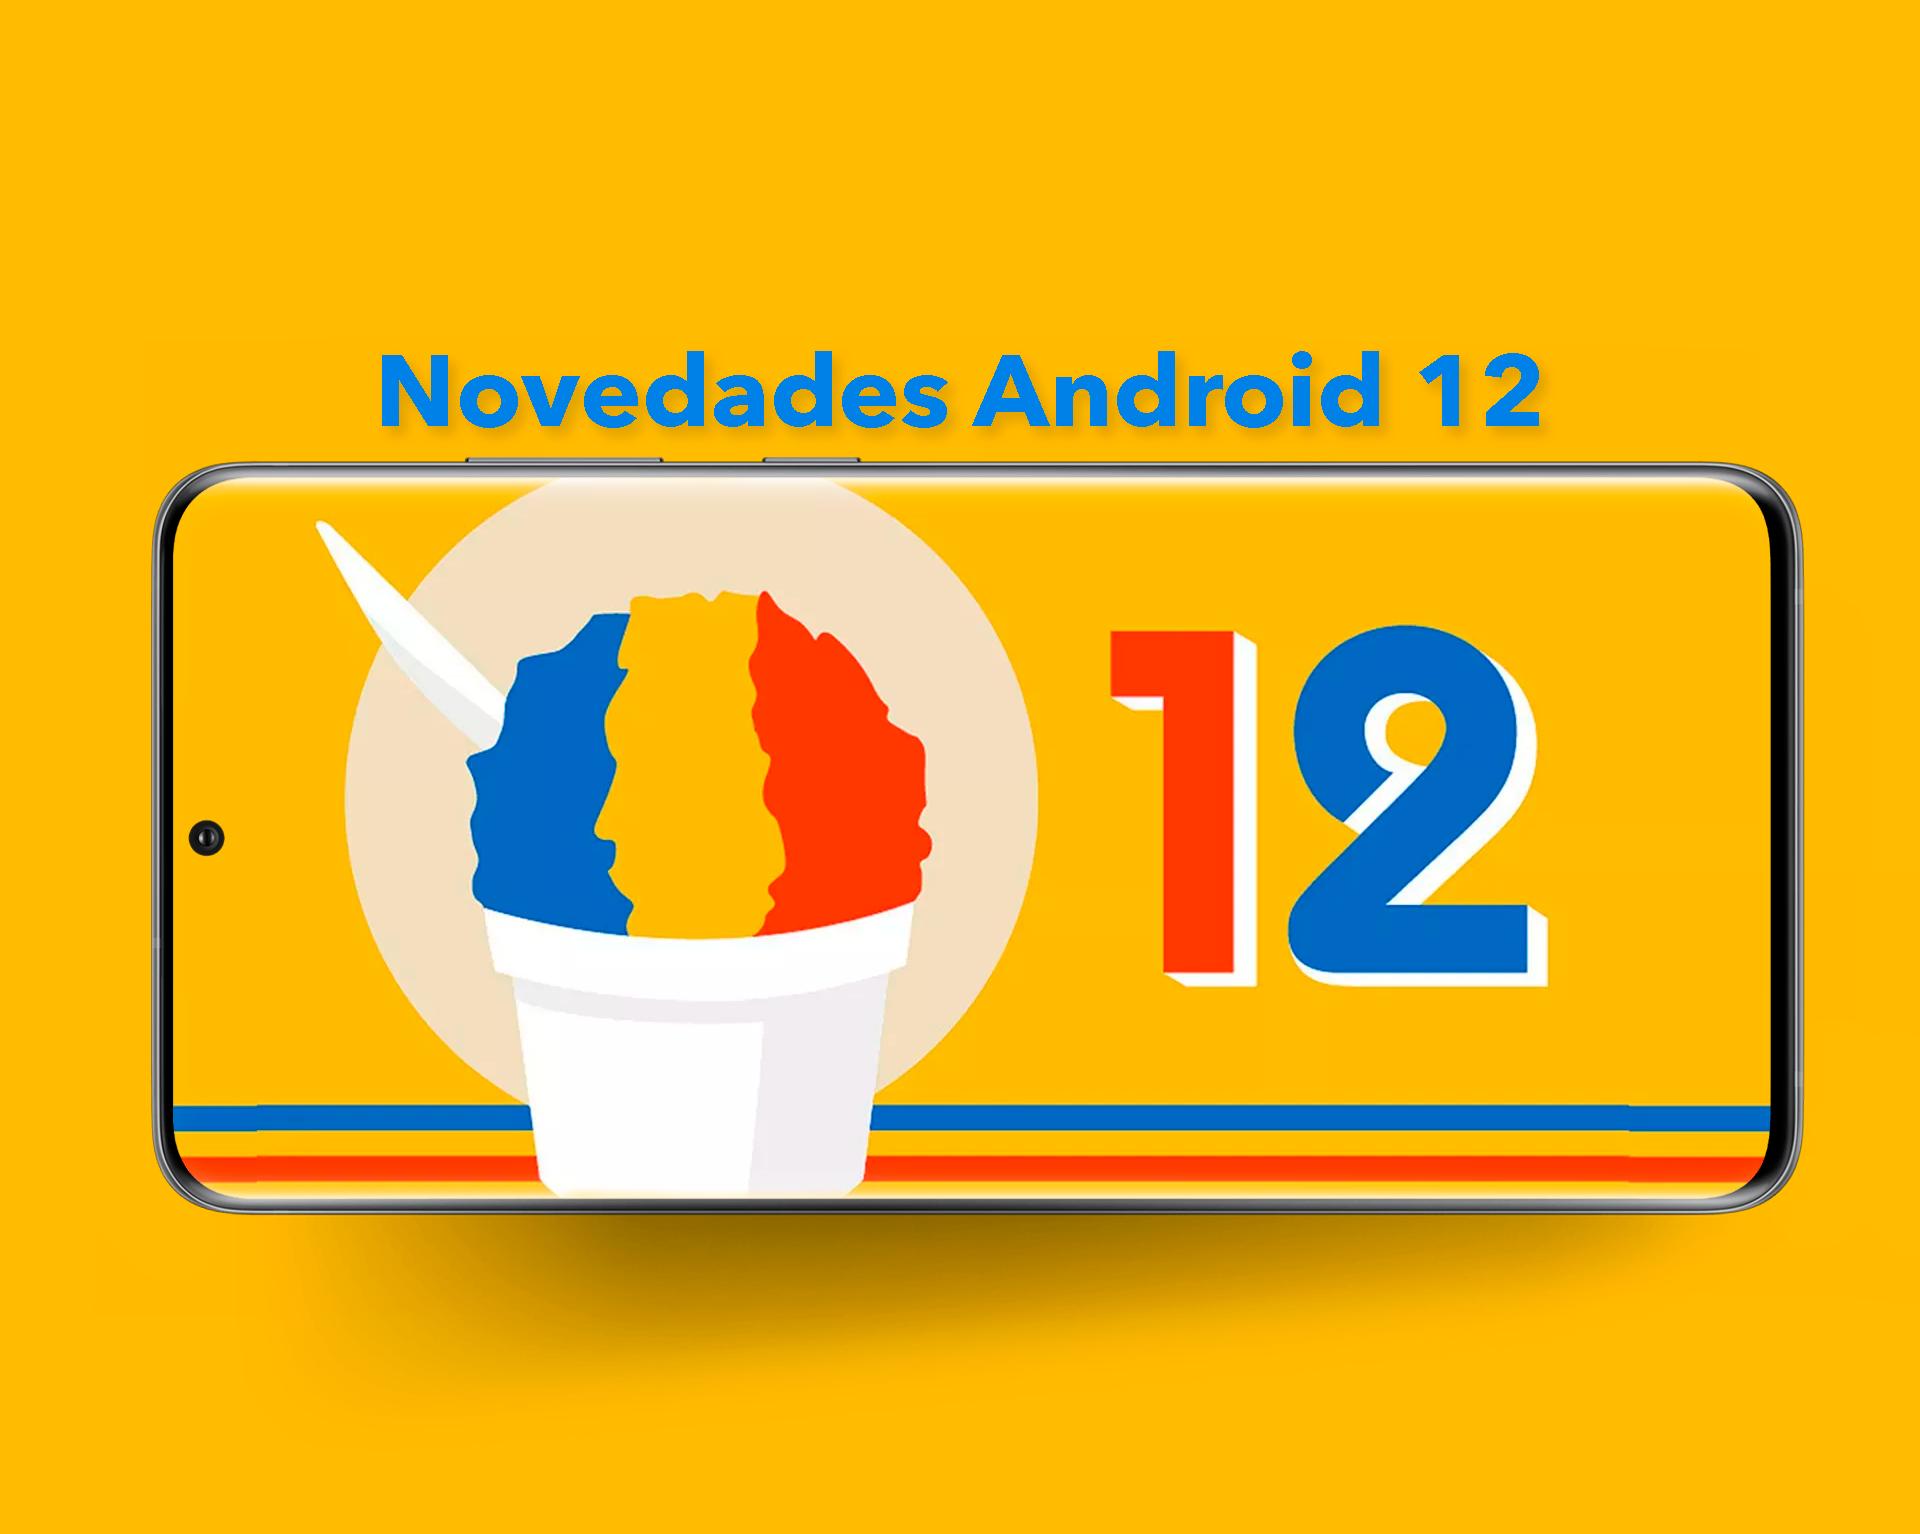 3 novedades de Android 12 que llegarán a tu móvil y debes conocer